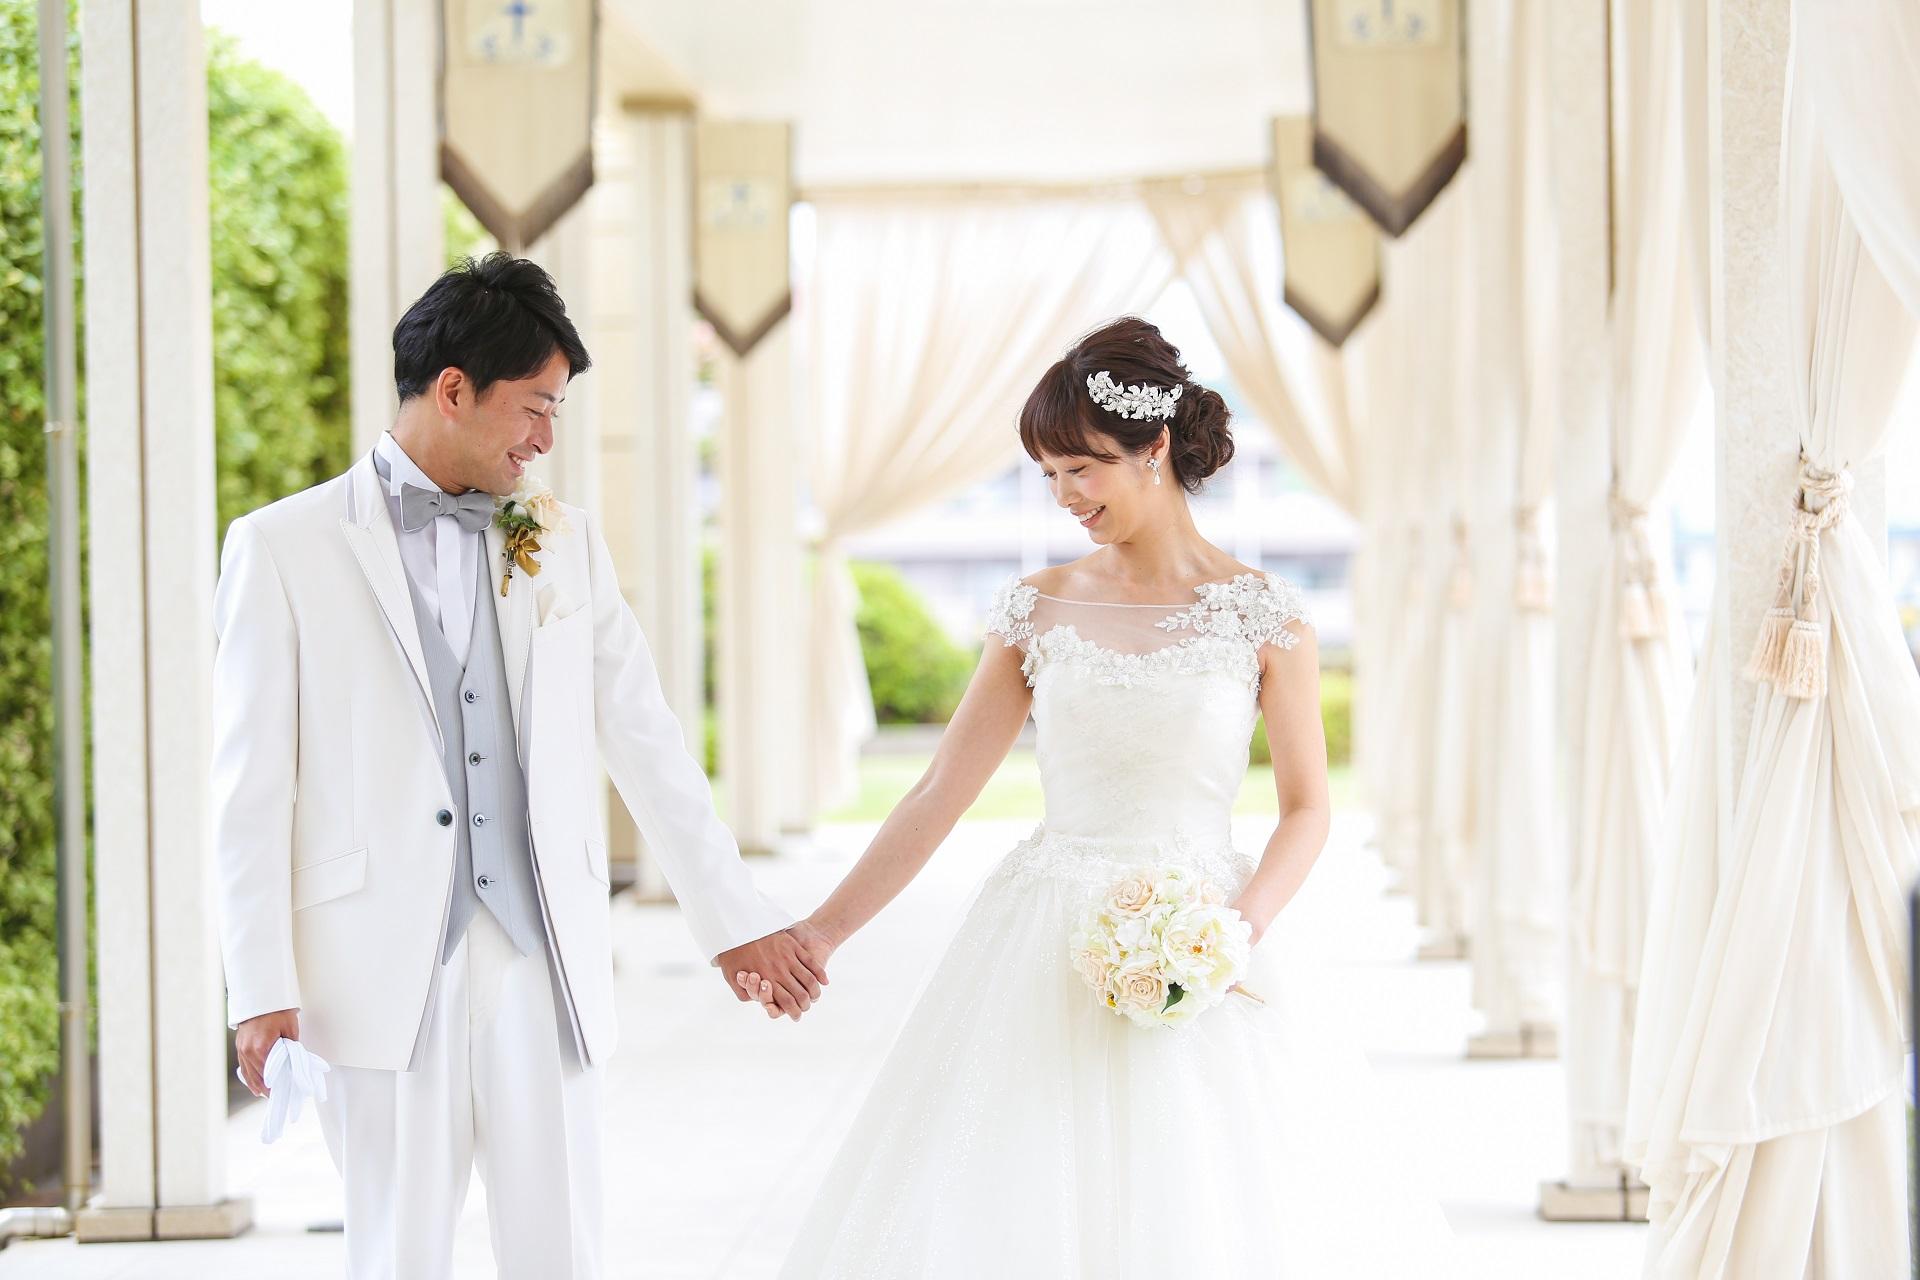 【挙式+会食が69,3万円から】家族婚にオススメ!10名から利用できるお得なプラン